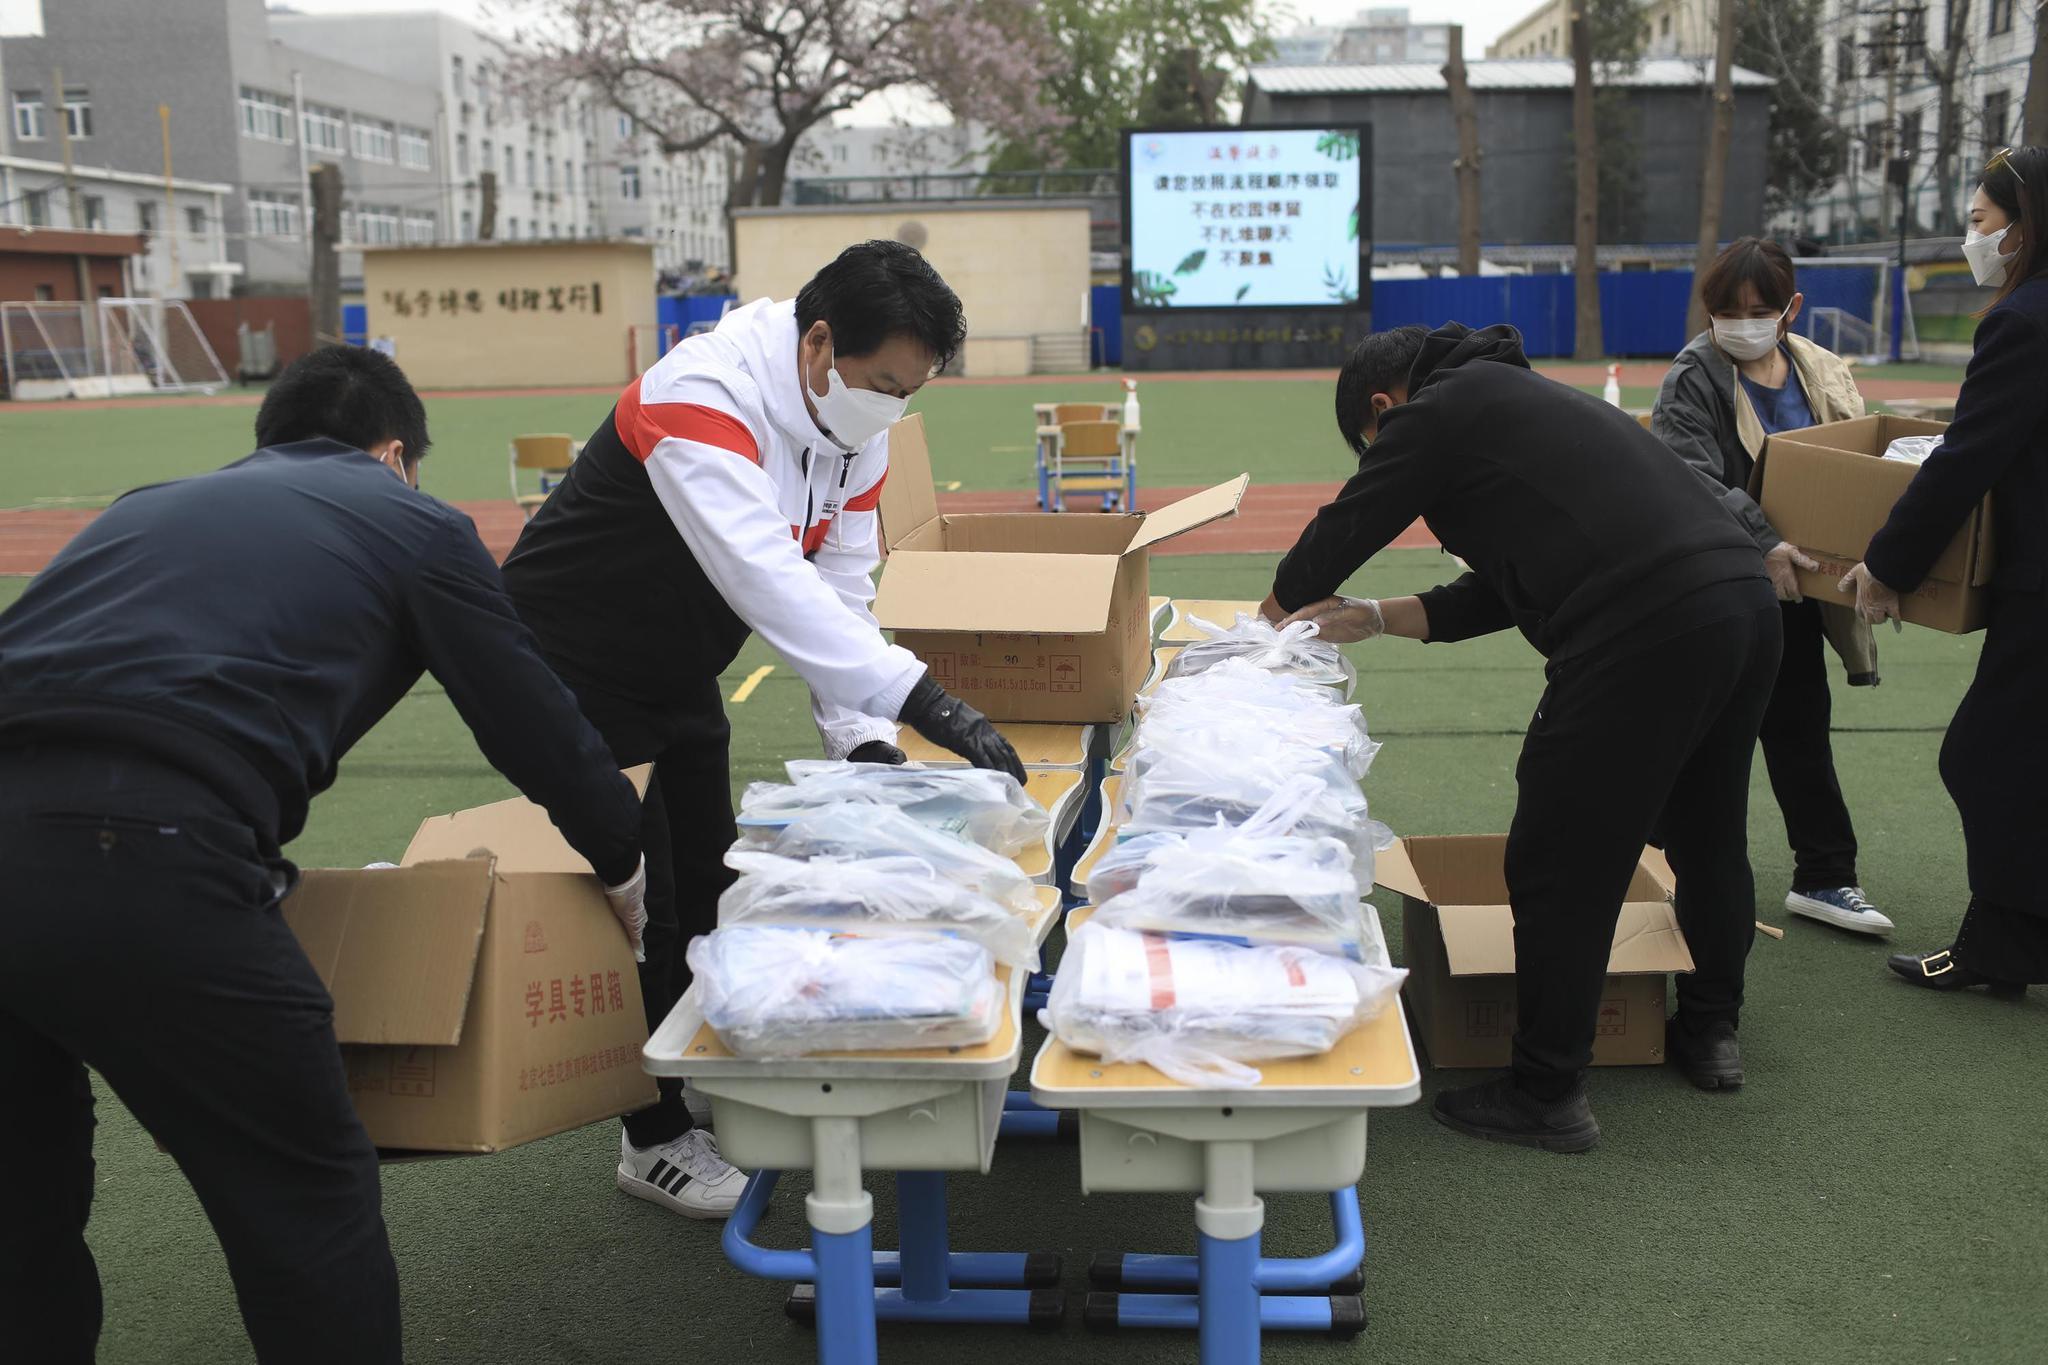 北京海淀26万中小学在校生将无接触领教材